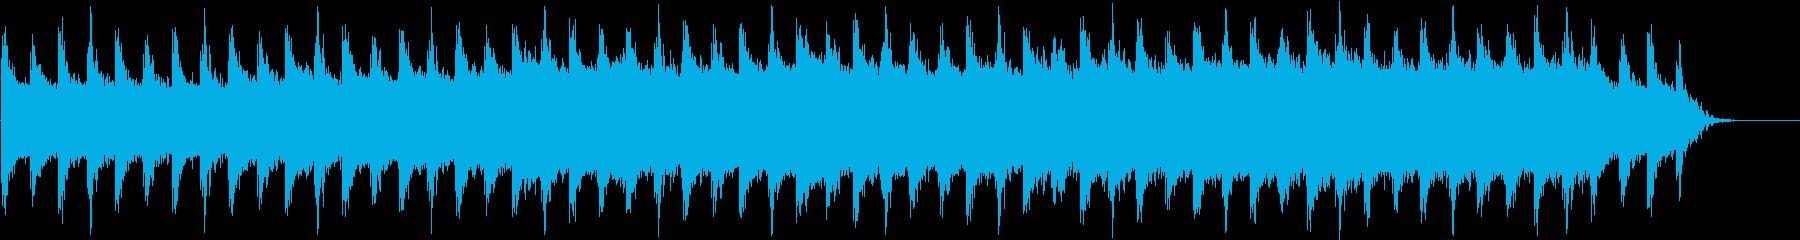 神秘的な歌声のテクスチャーアンビエントの再生済みの波形